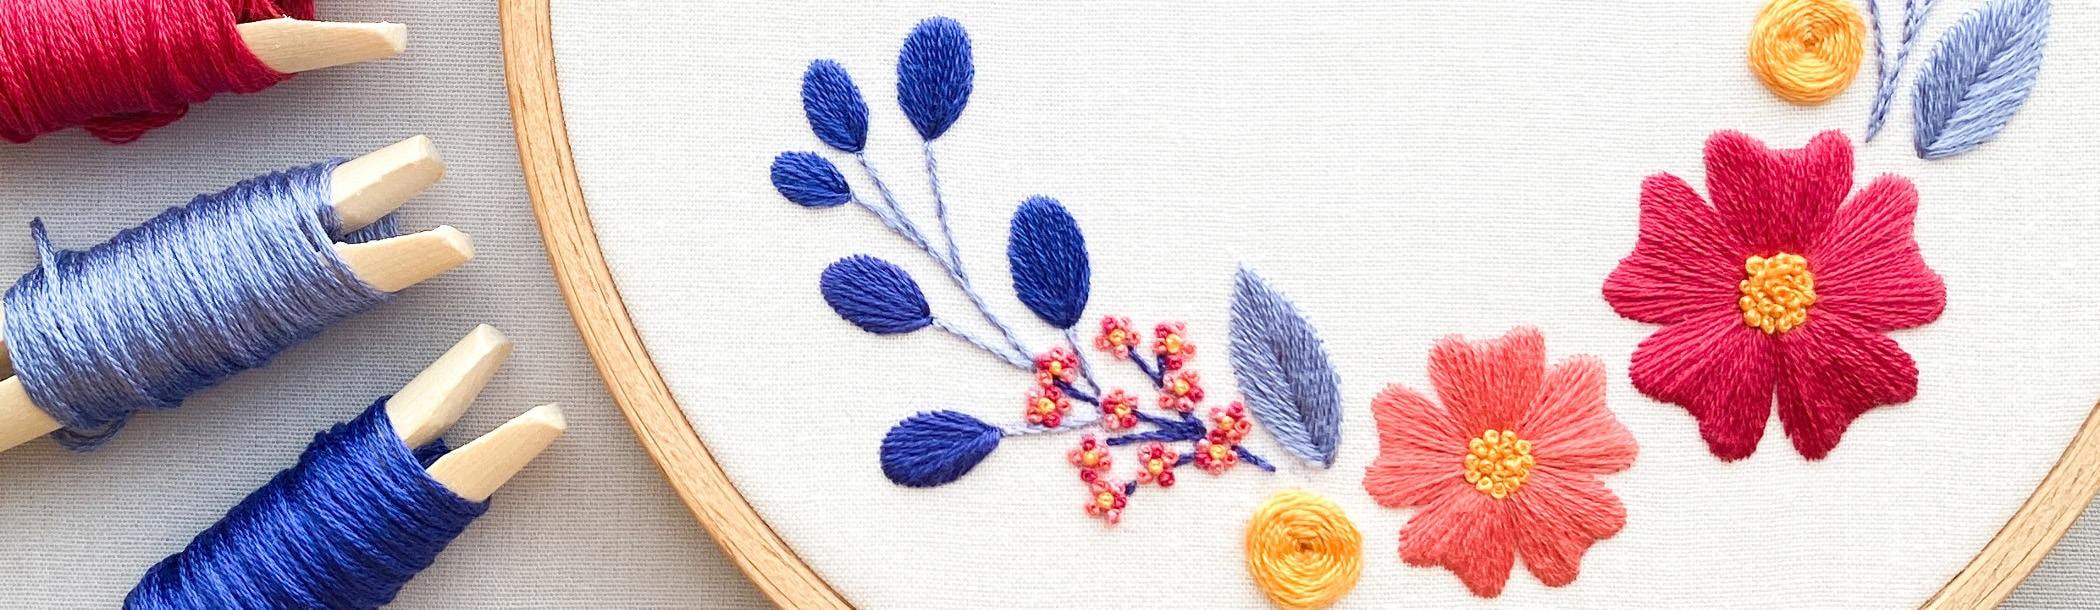 Online Stickkurs für Anfänger: Blumenranken